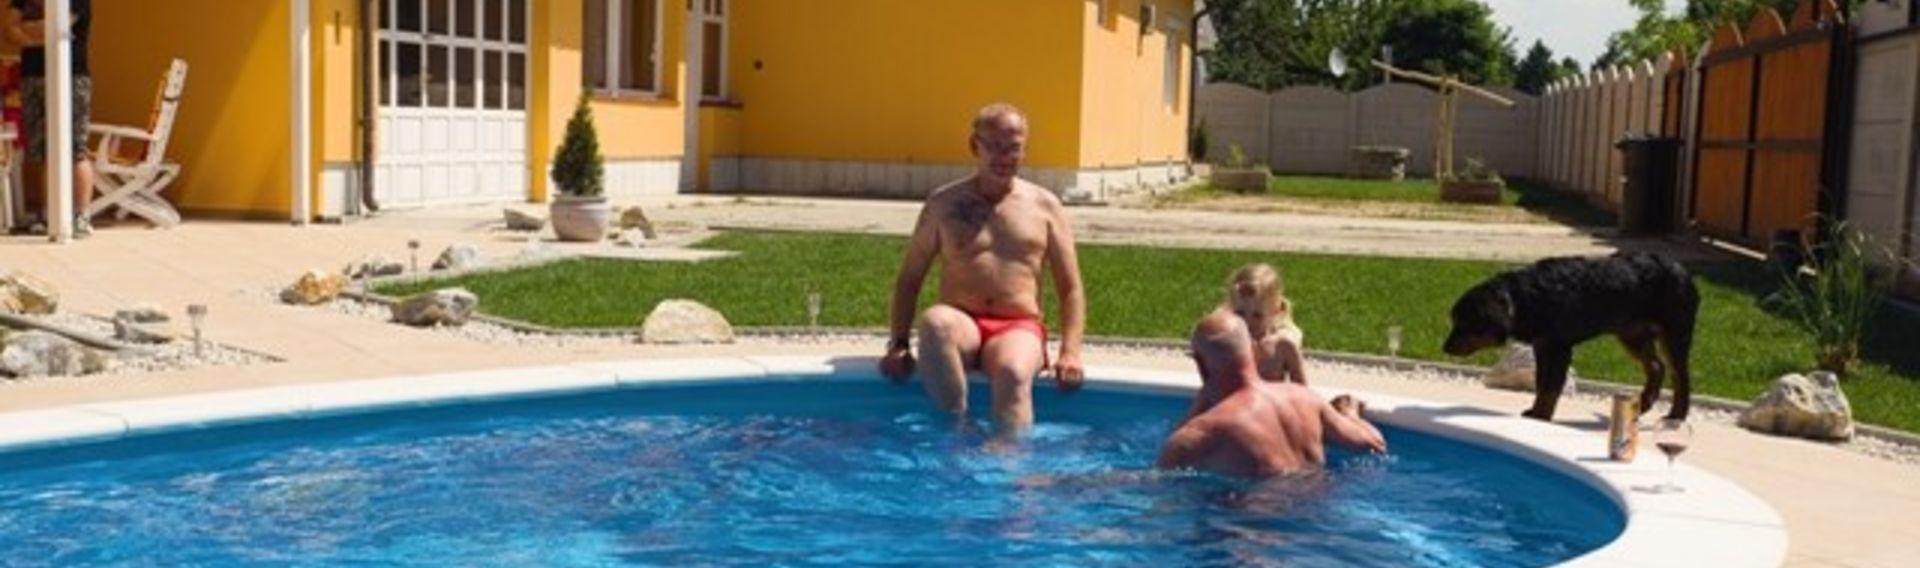 Ferien mit Hund in Ungarn, Ferienapartements für 1-16 Personen mit Pool